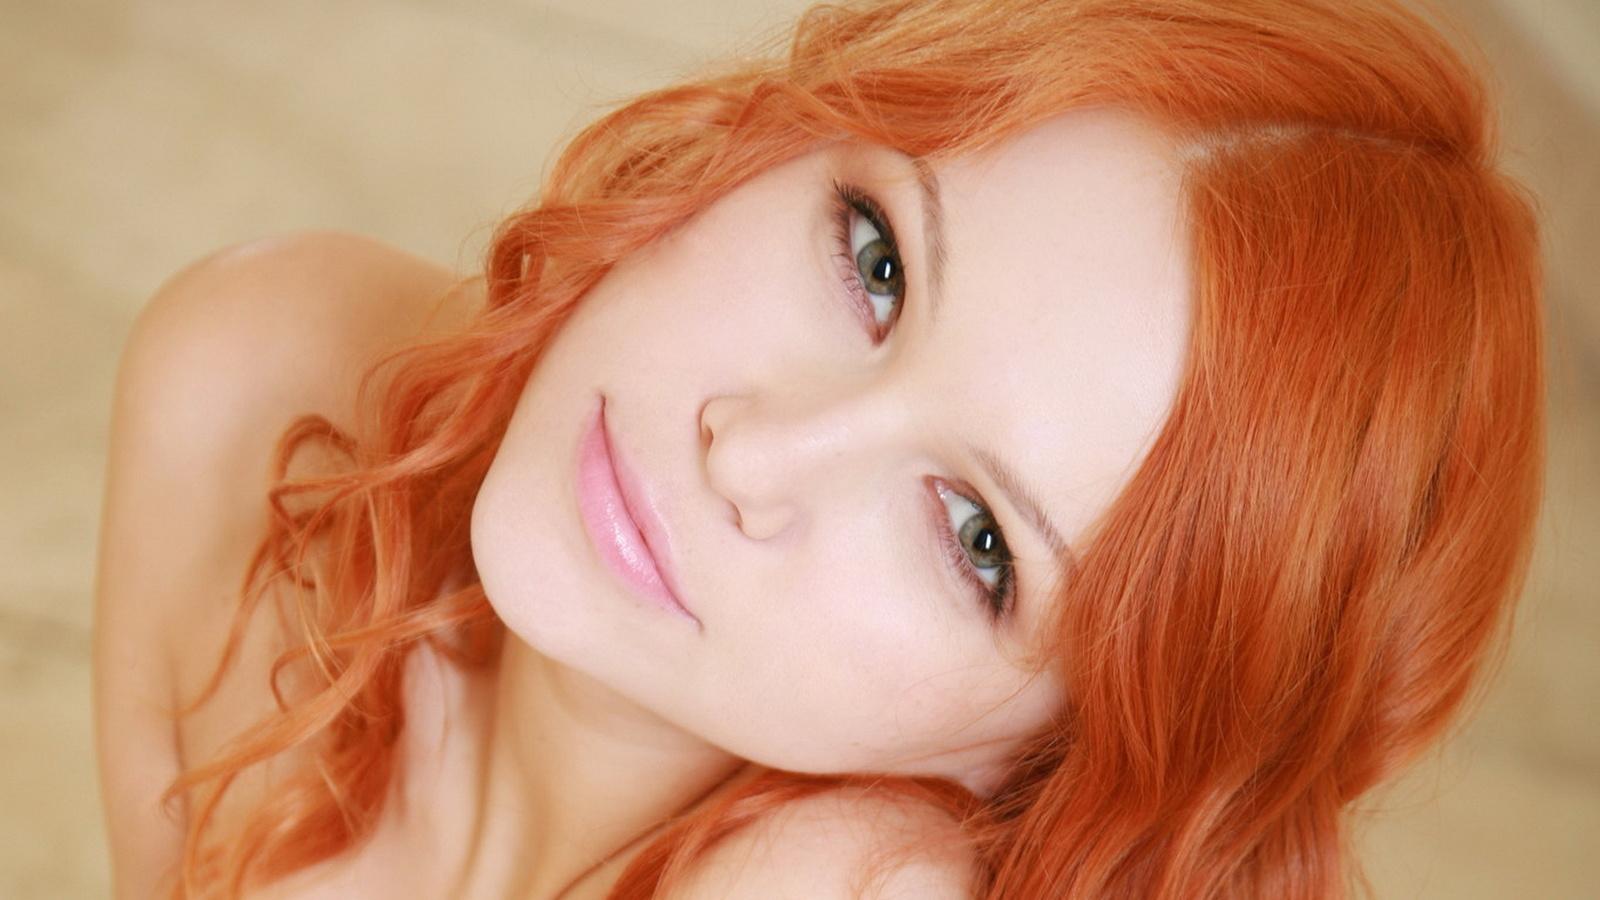 Рыжая девушка отсосала, рыжая сосет: порно видео онлайн, смотреть порно на 23 фотография